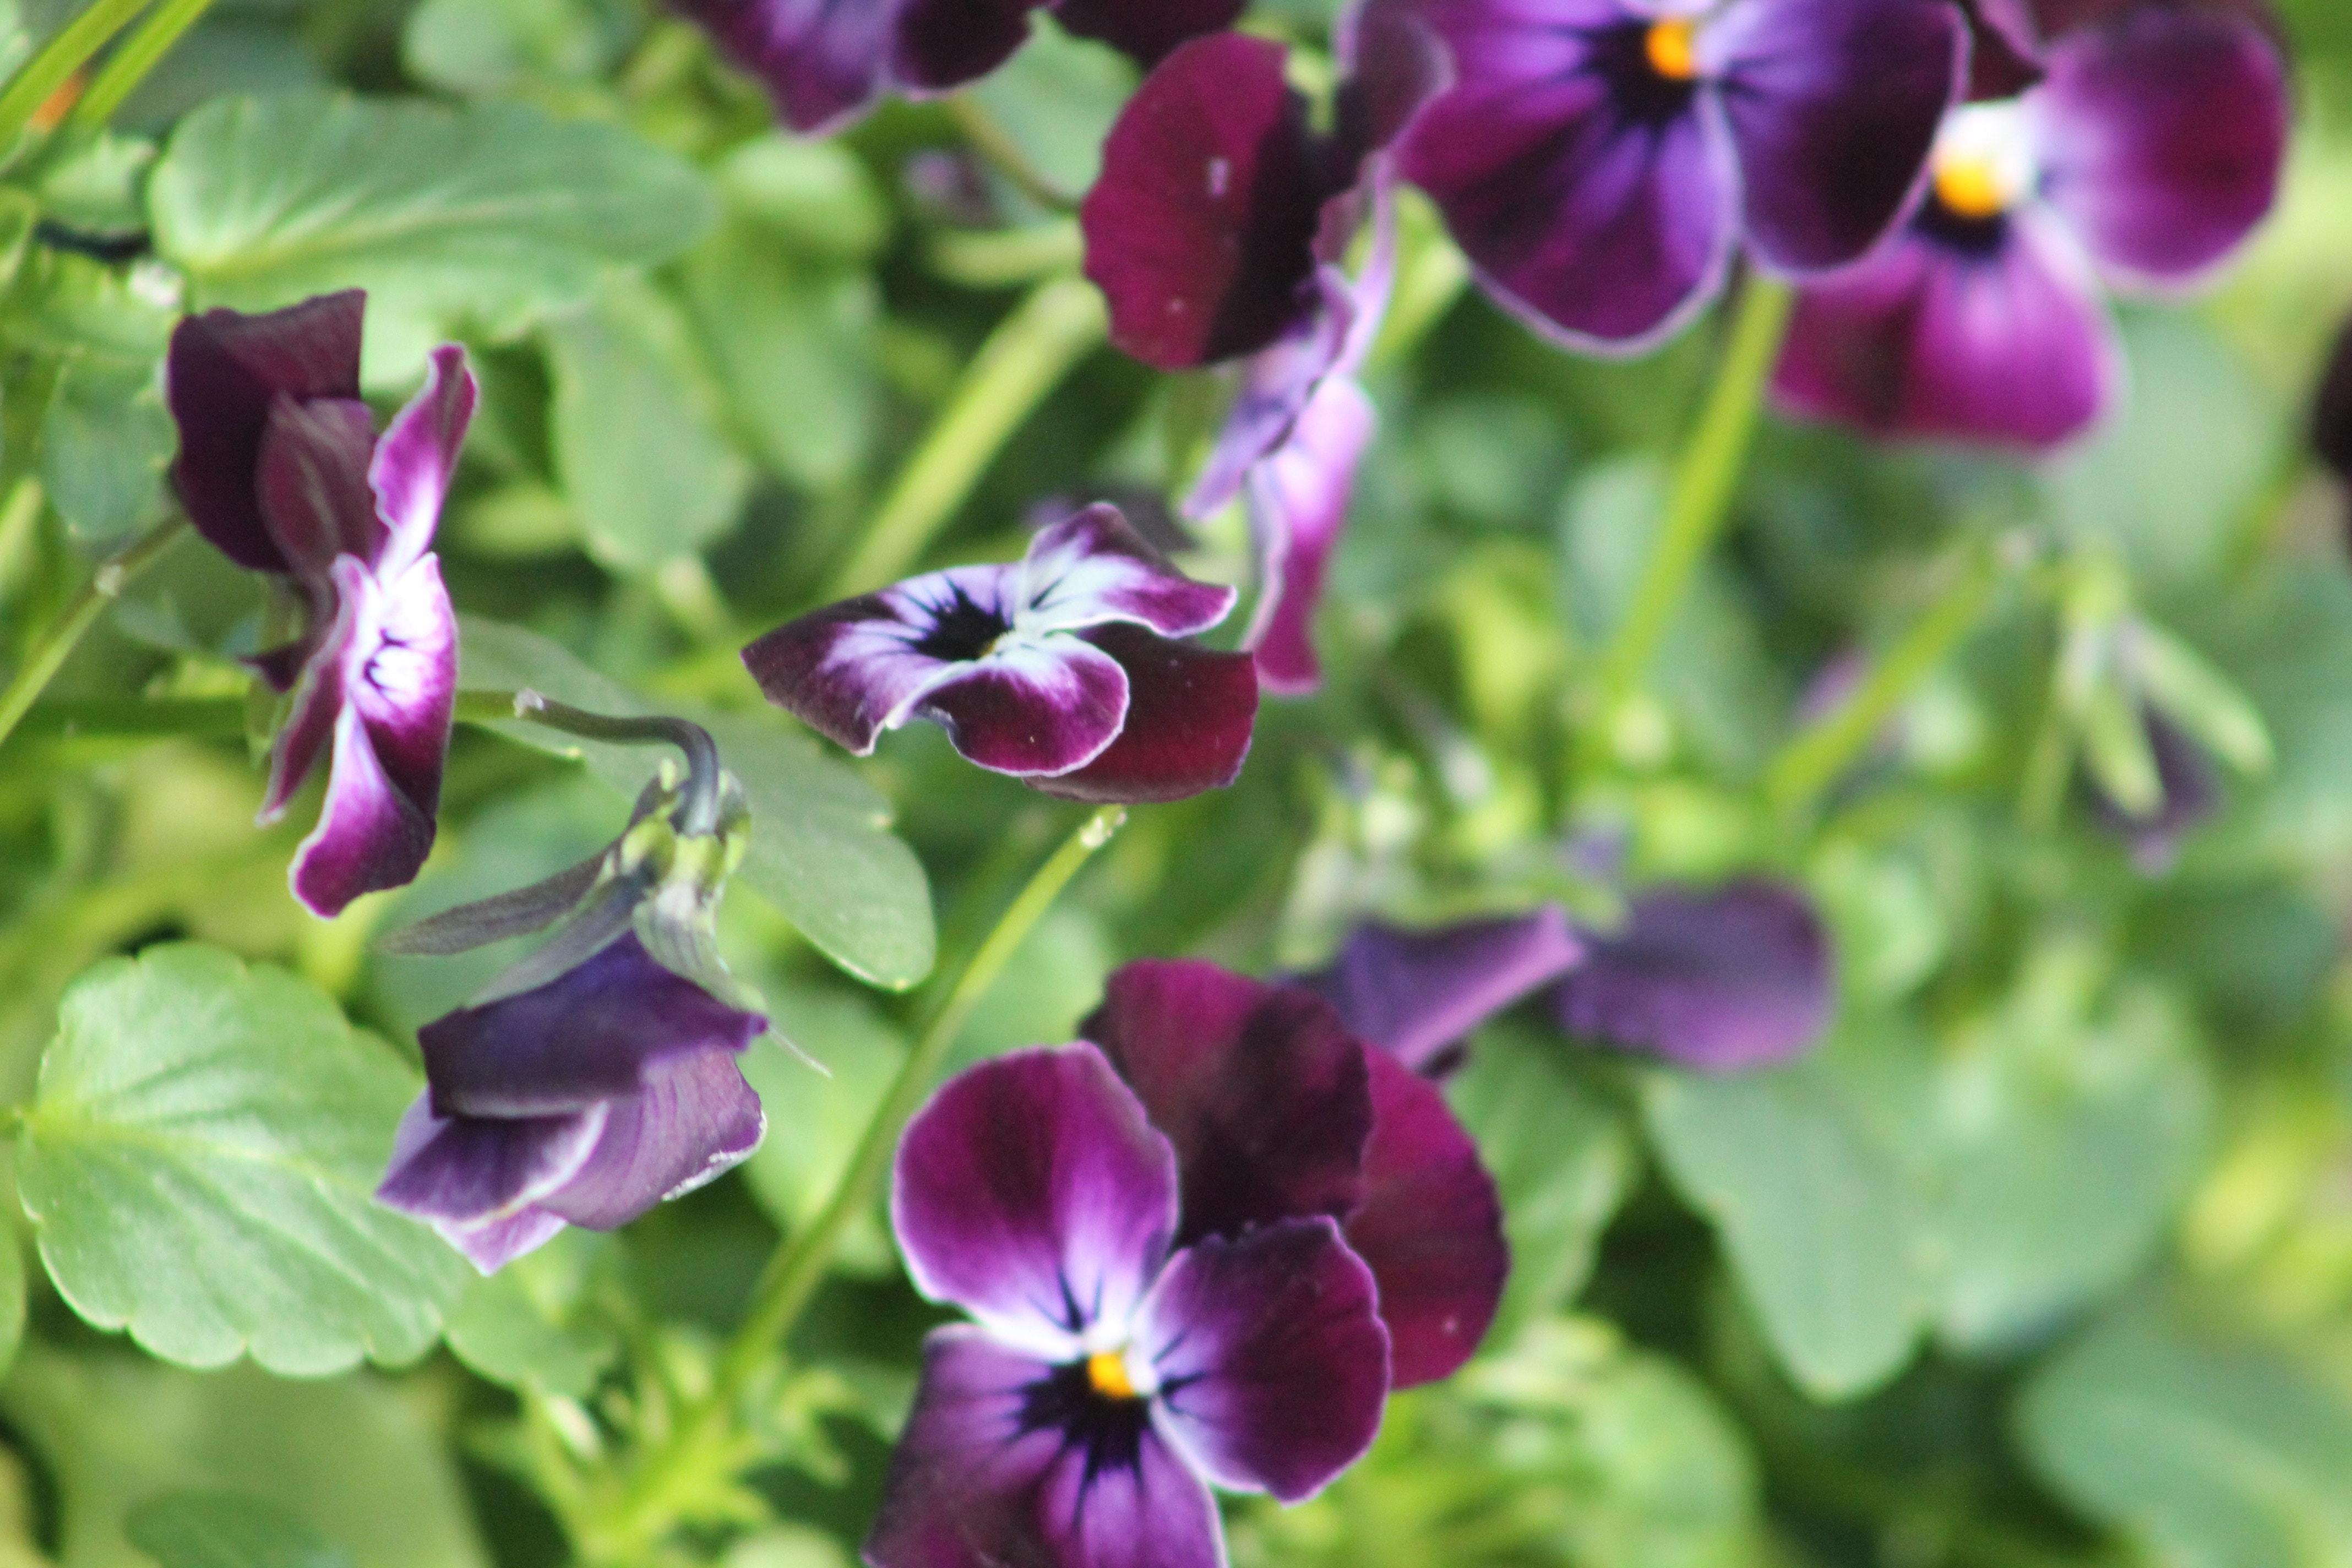 purple violets in garden